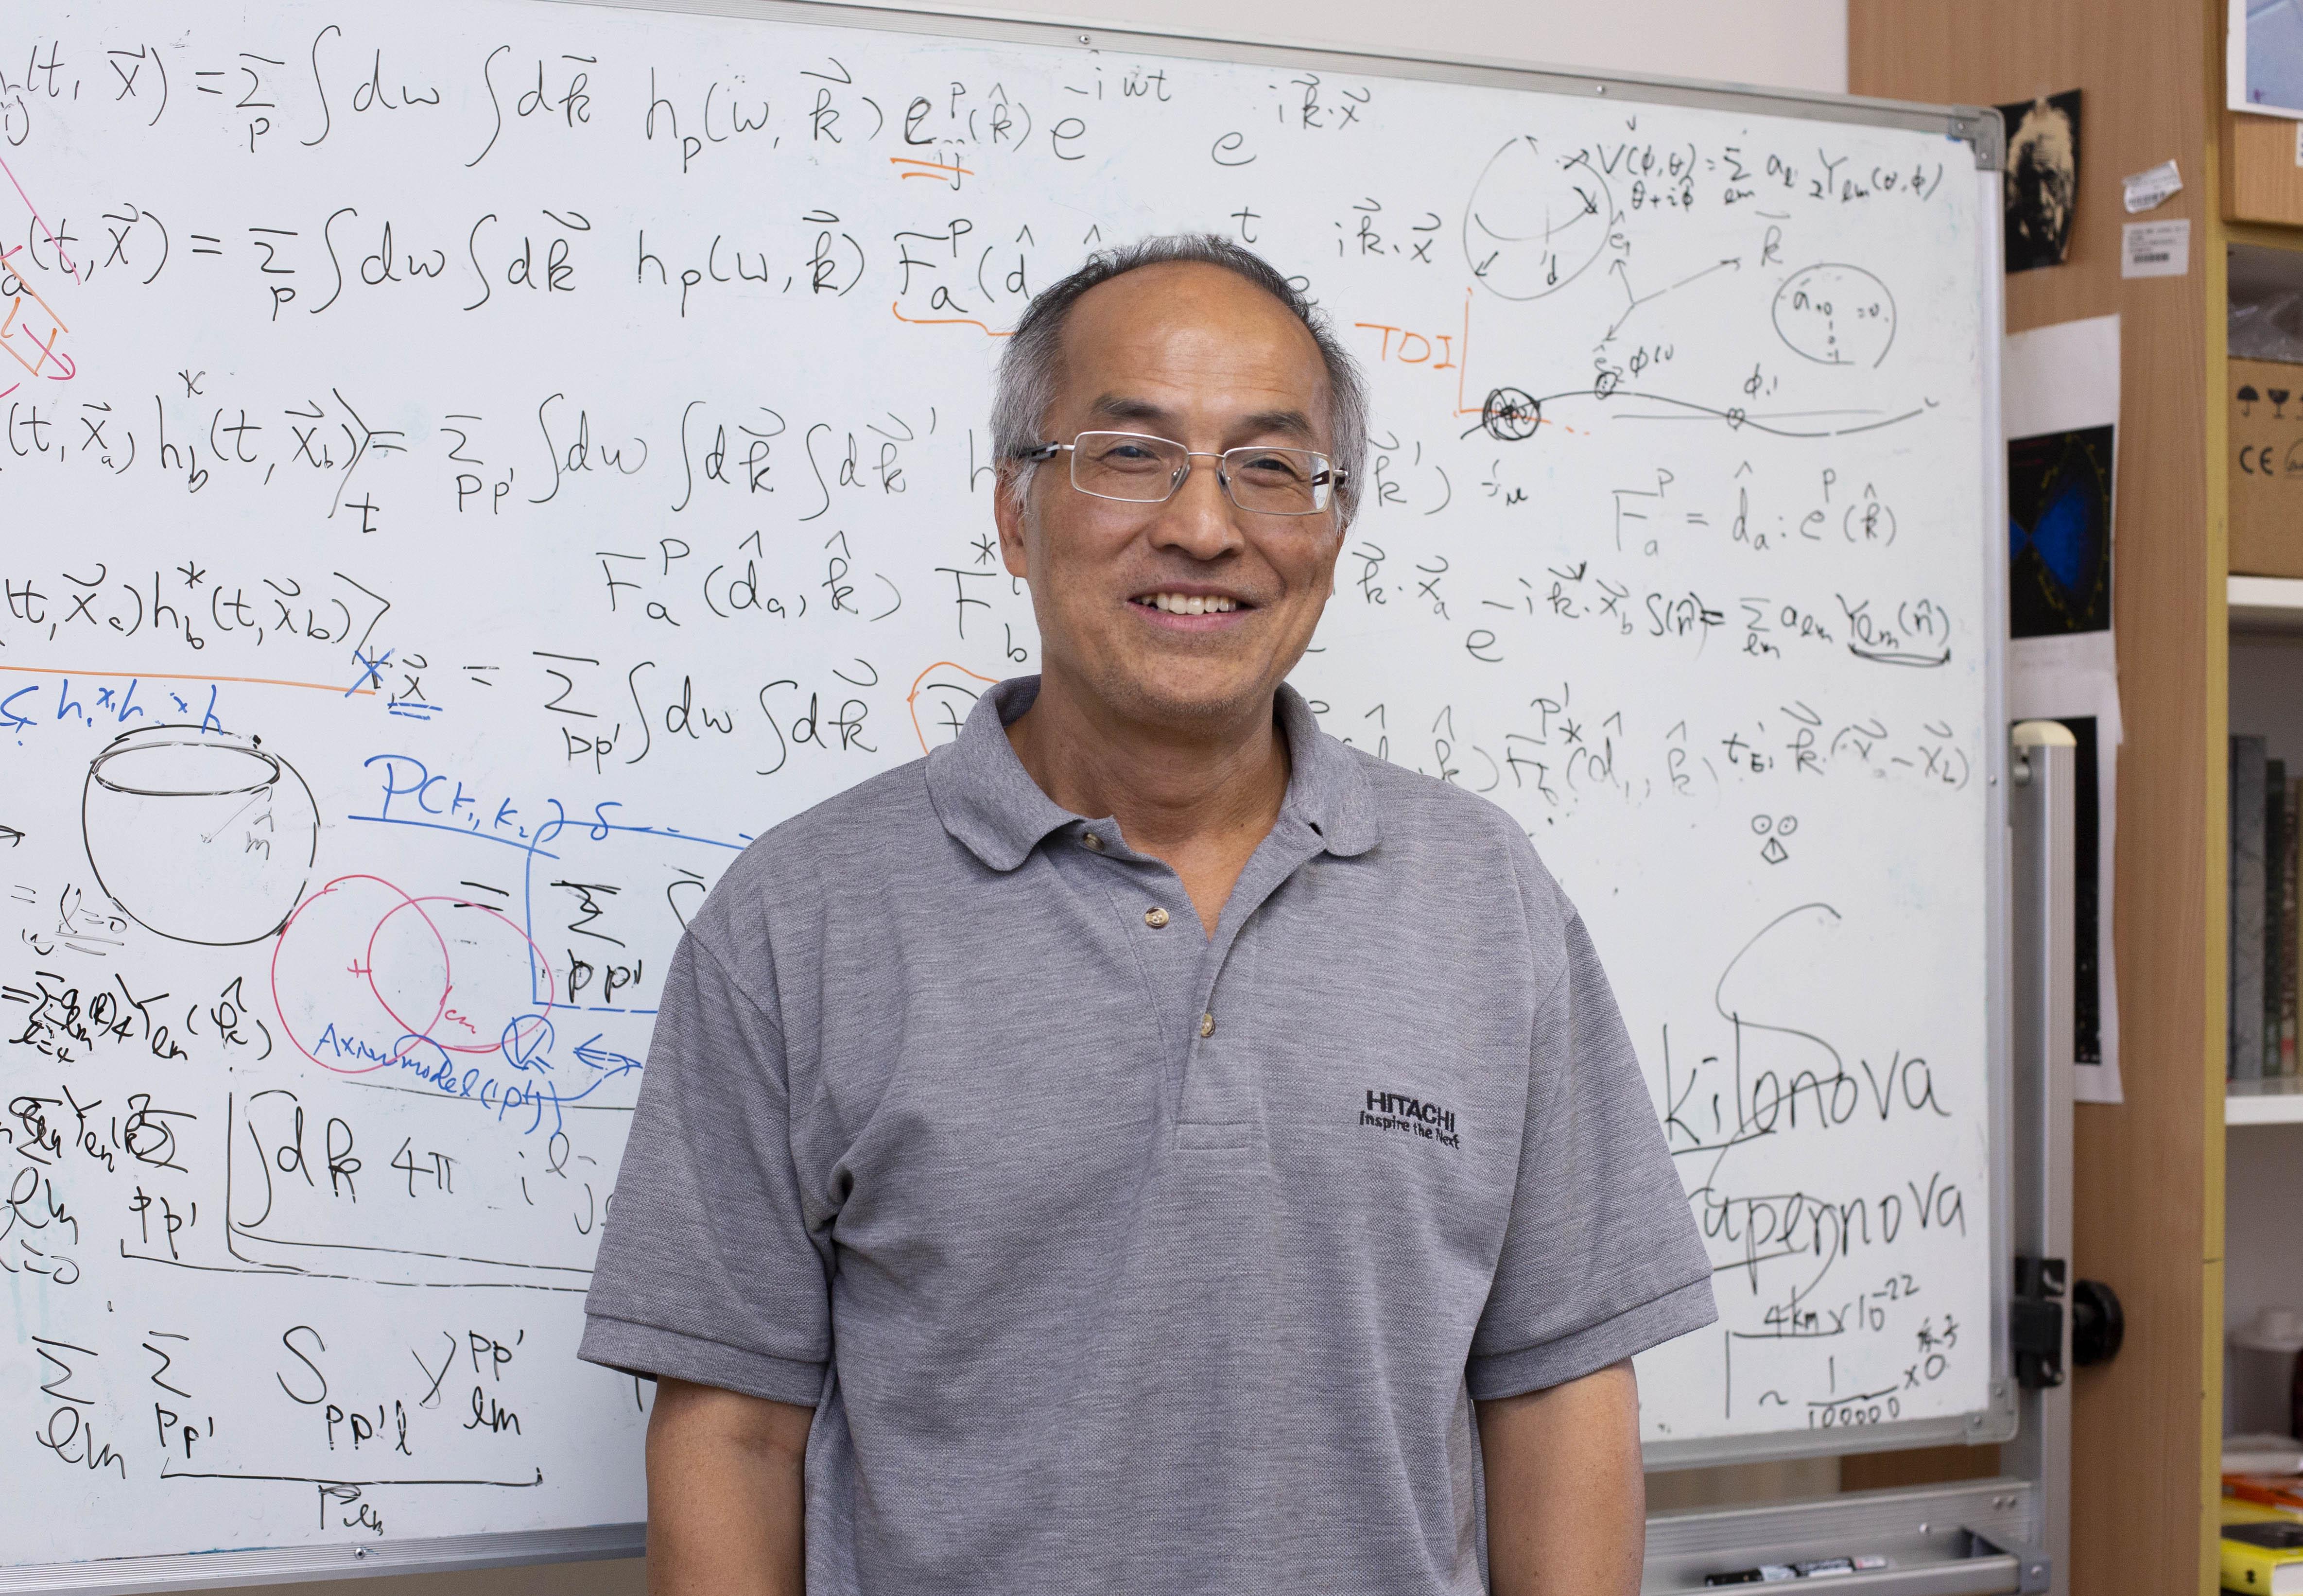 中研院物理所吳建宏研究員,以深厚的學養、推廣科學的使命感,將高深的重力波學理,轉化為生動好懂的科普演講,在 2019 年中研院院區開放日與民眾分享。攝影│林洵安